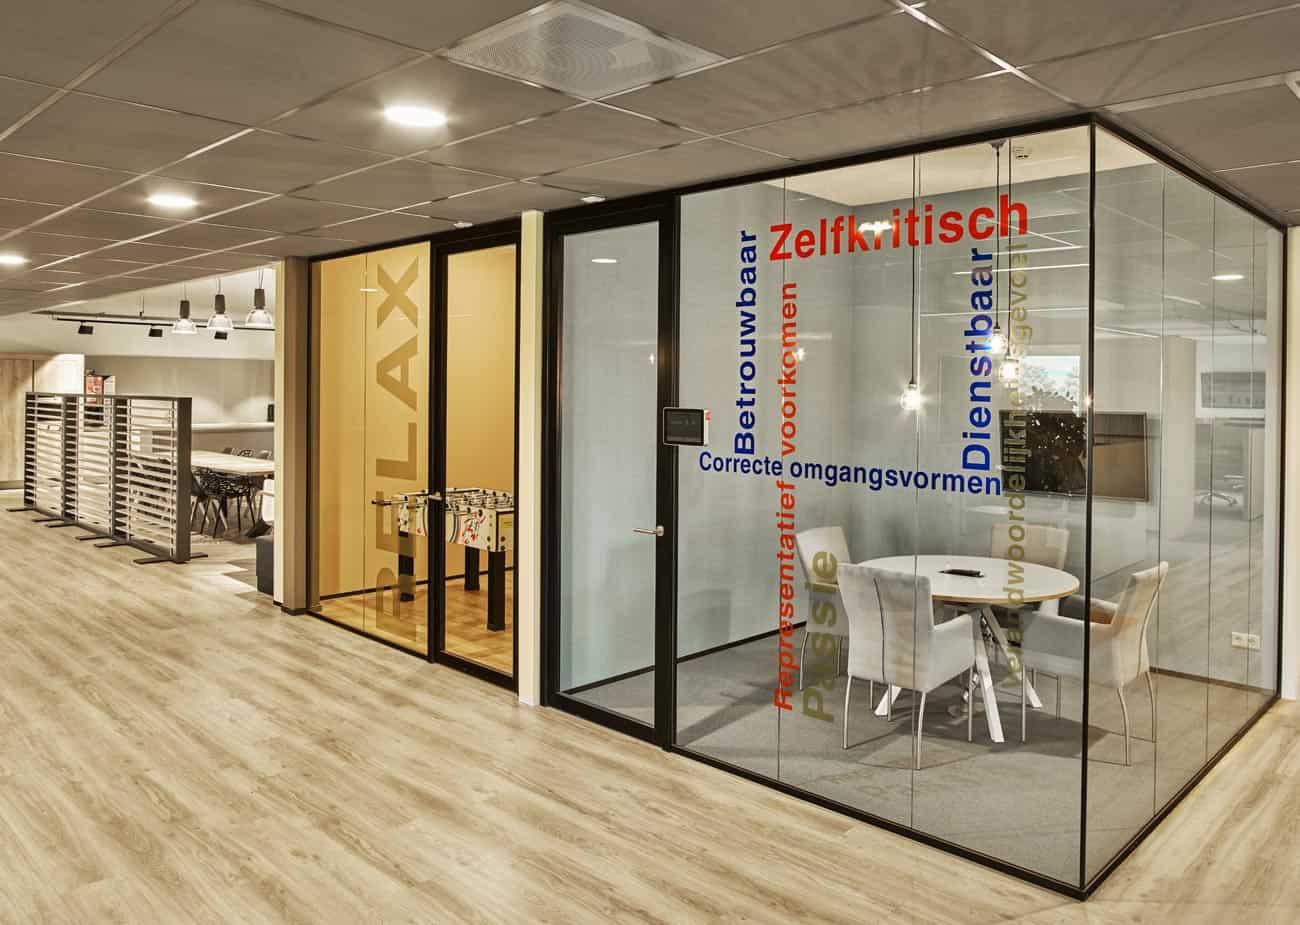 Zetacom, Zoetermeer | Plan Effect